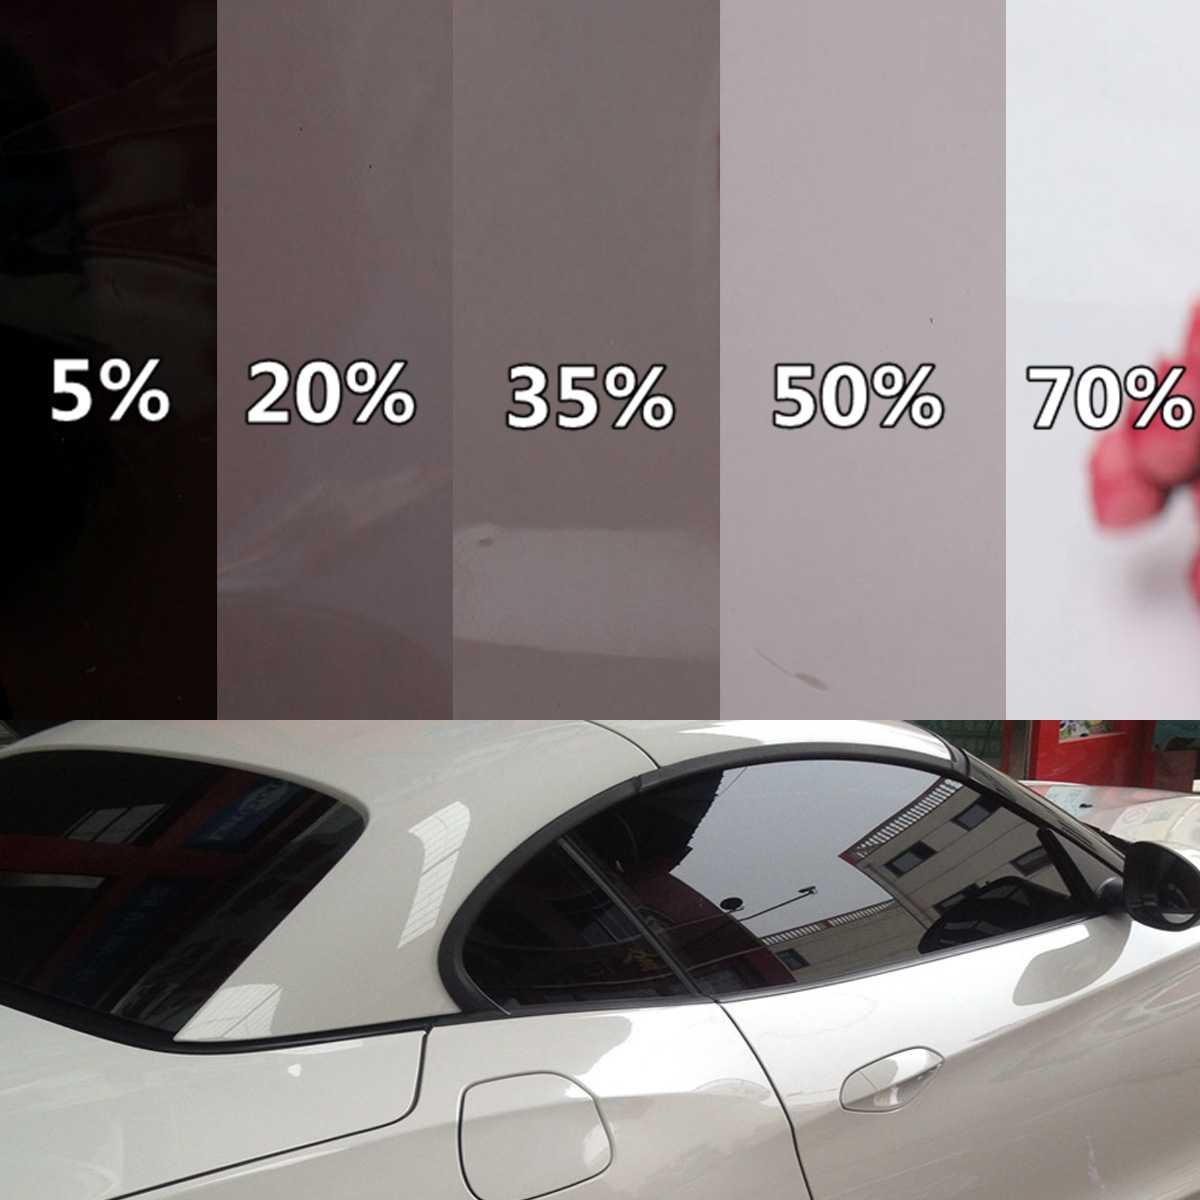 Какой процент тонировки стекол автомобиля выбрать?